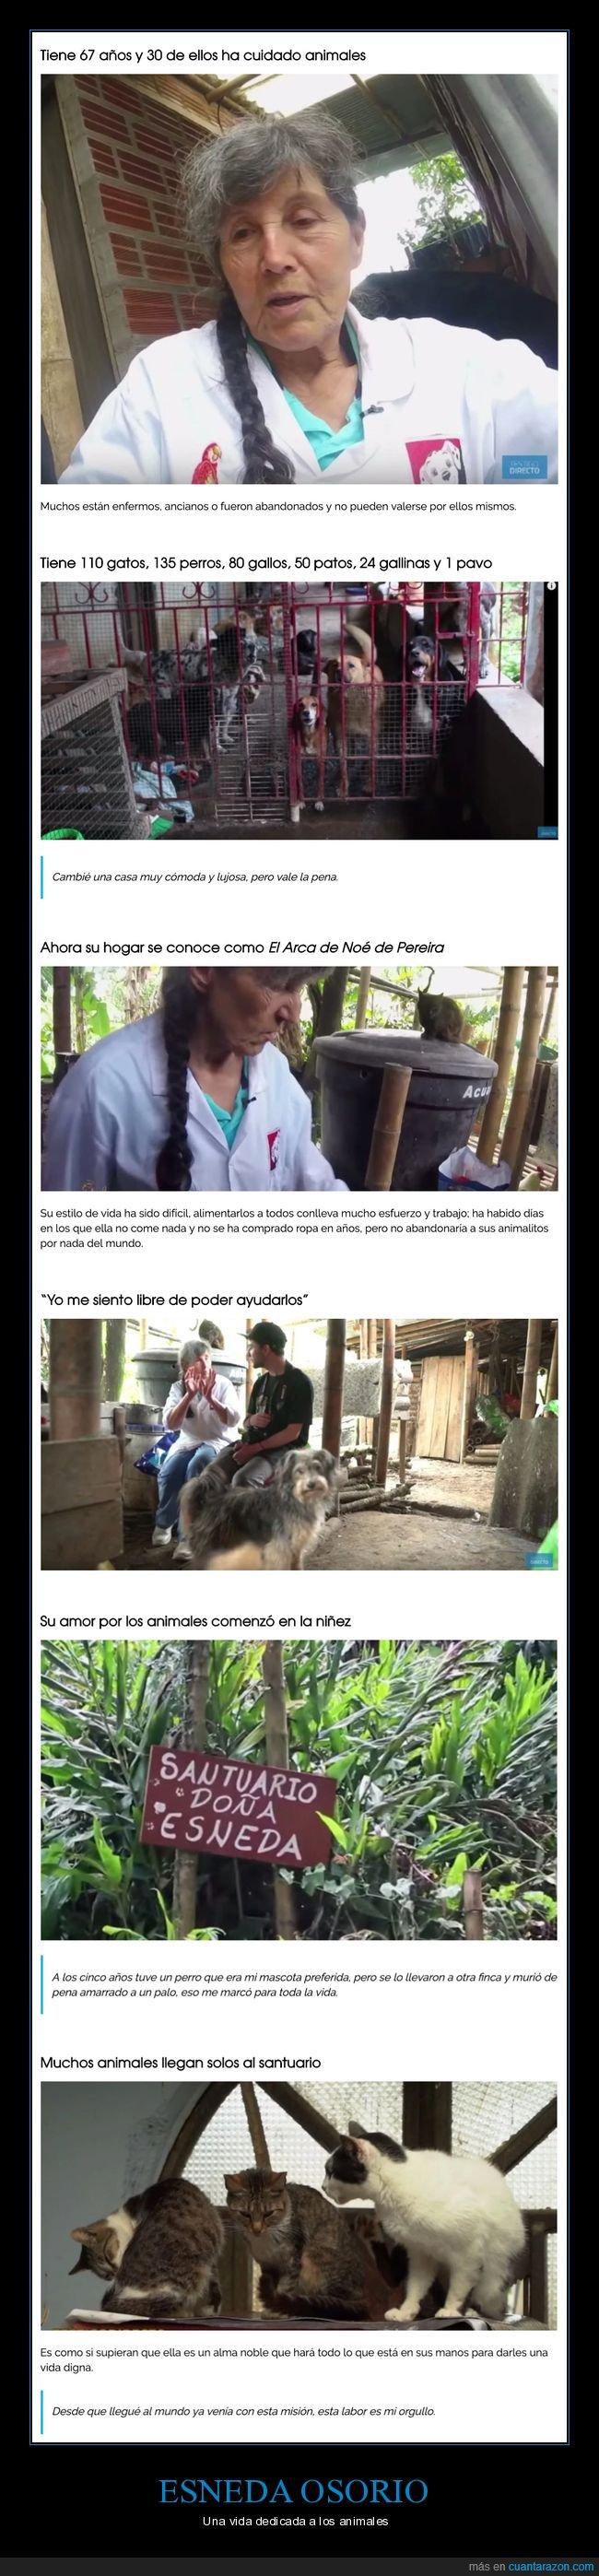 animales,esneda osorio,santuario